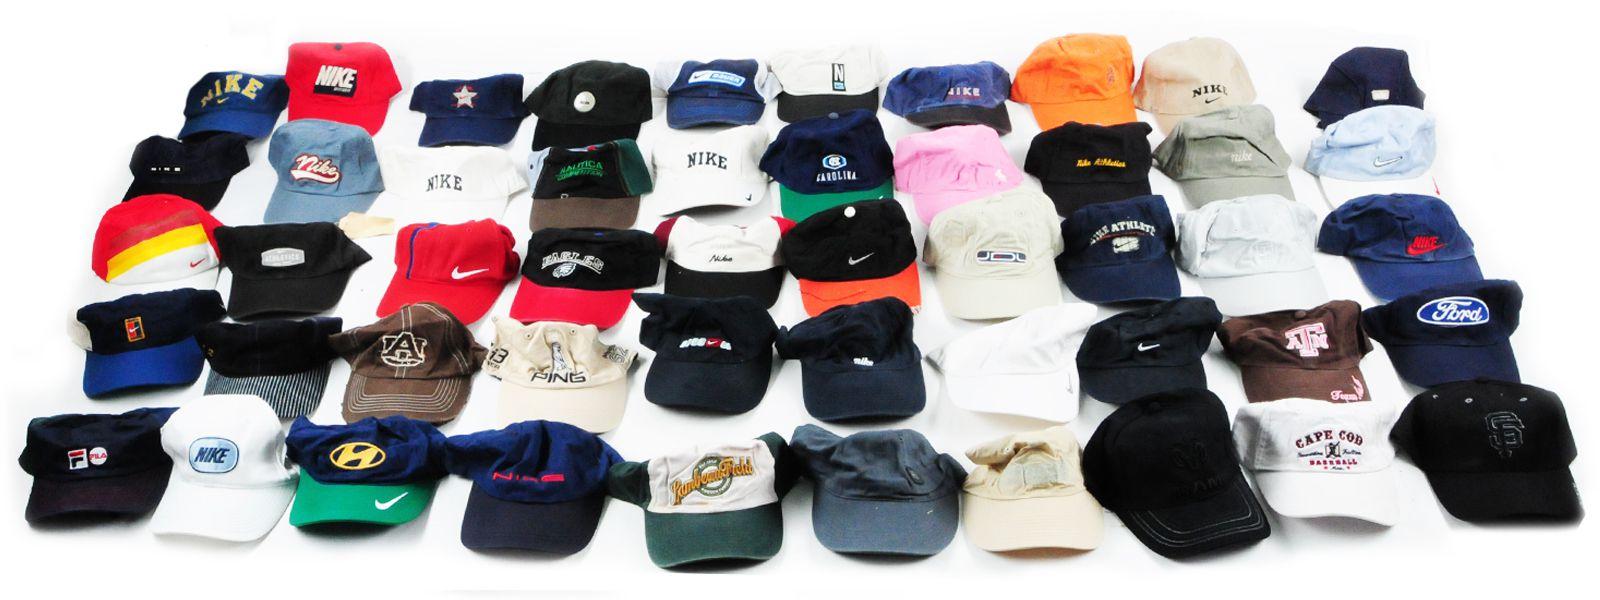 Фабричные остатки мужских и женских кепок